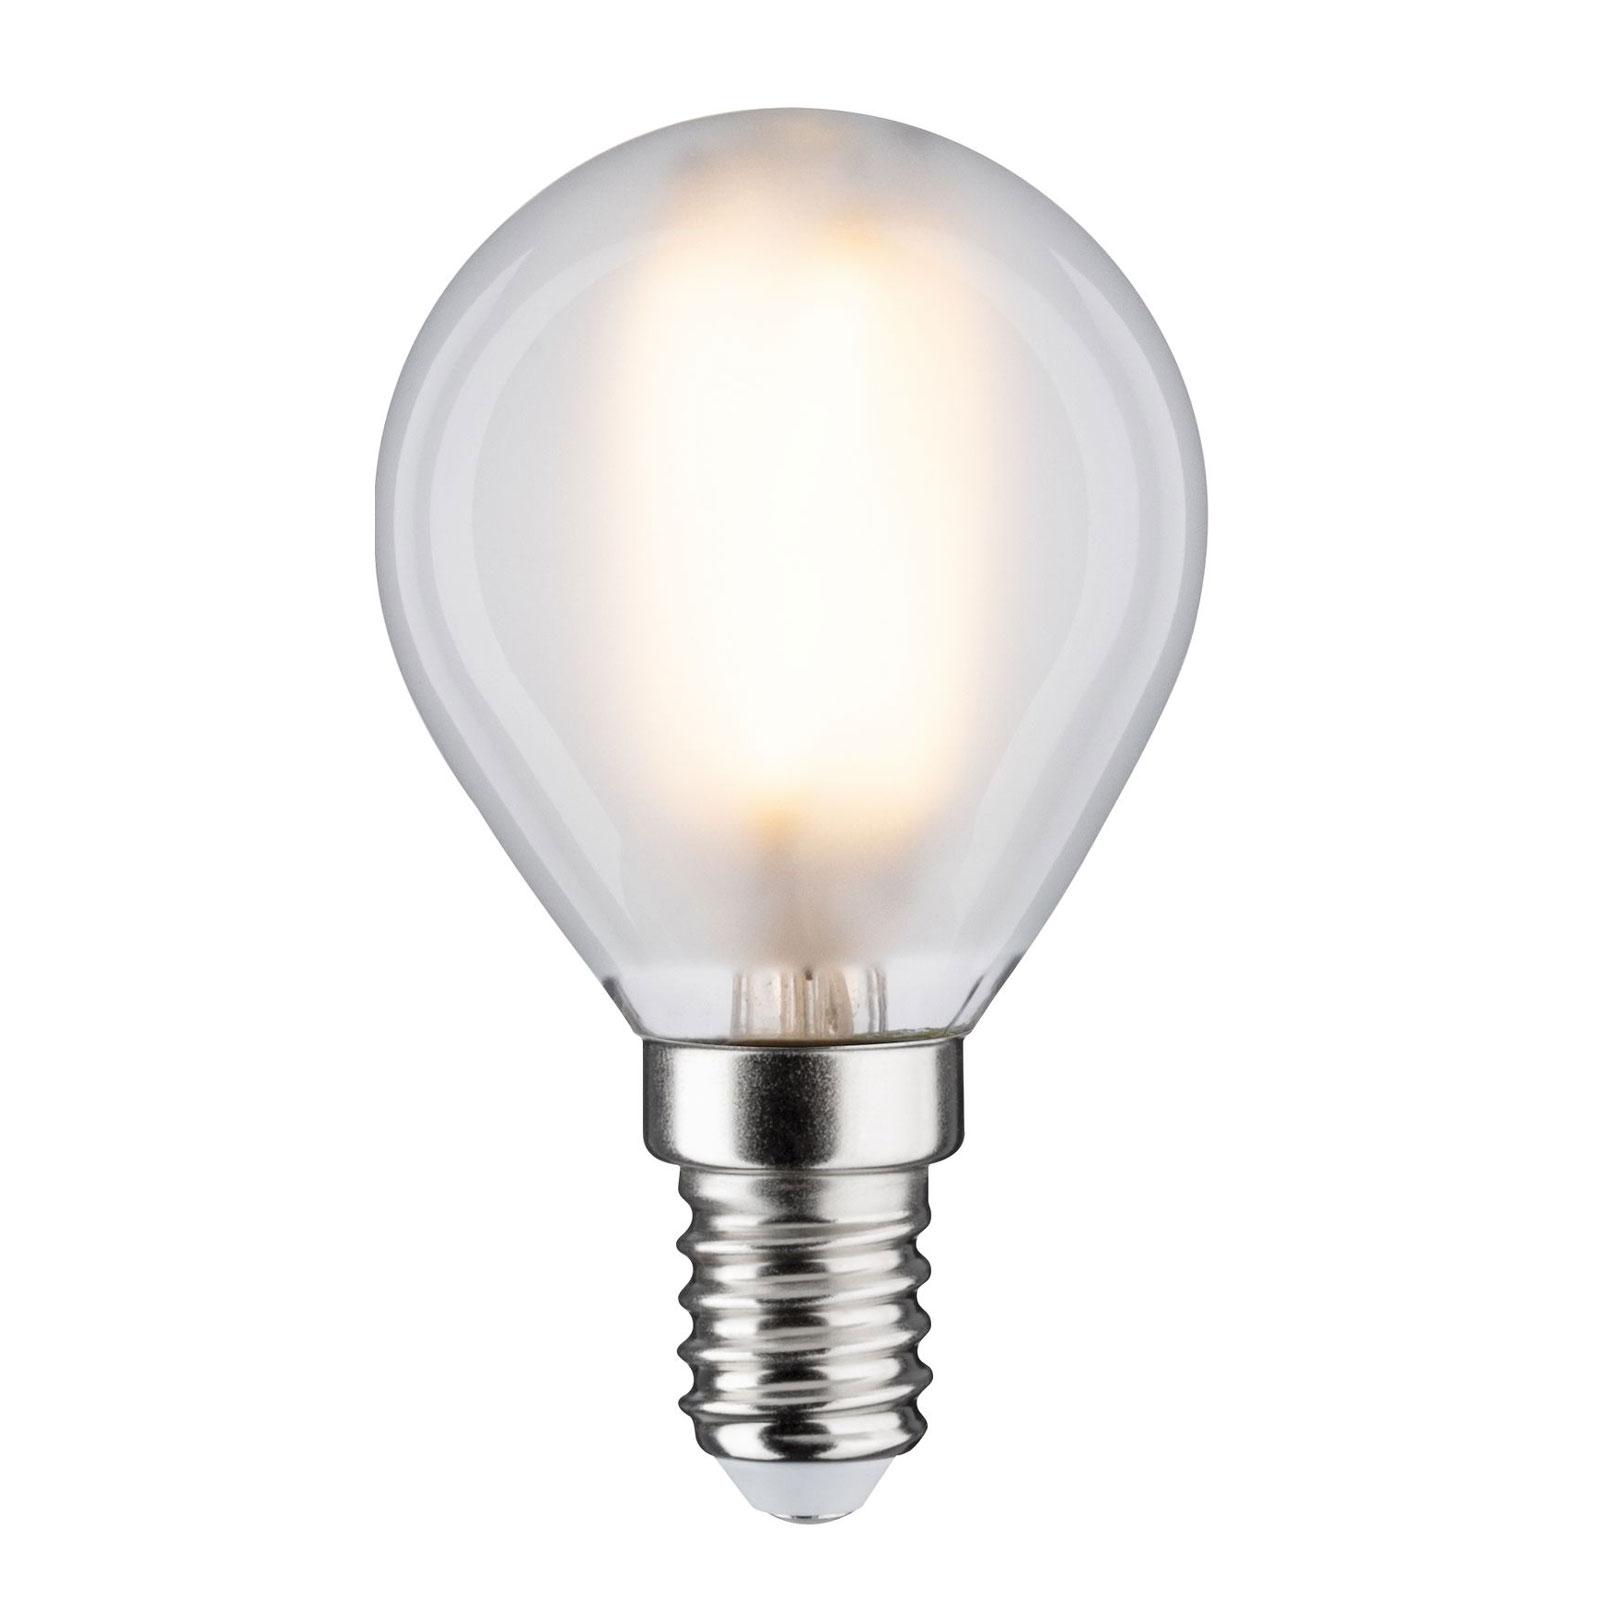 LED-pære E14 5 W dråpe 2700 K matt, dimbar